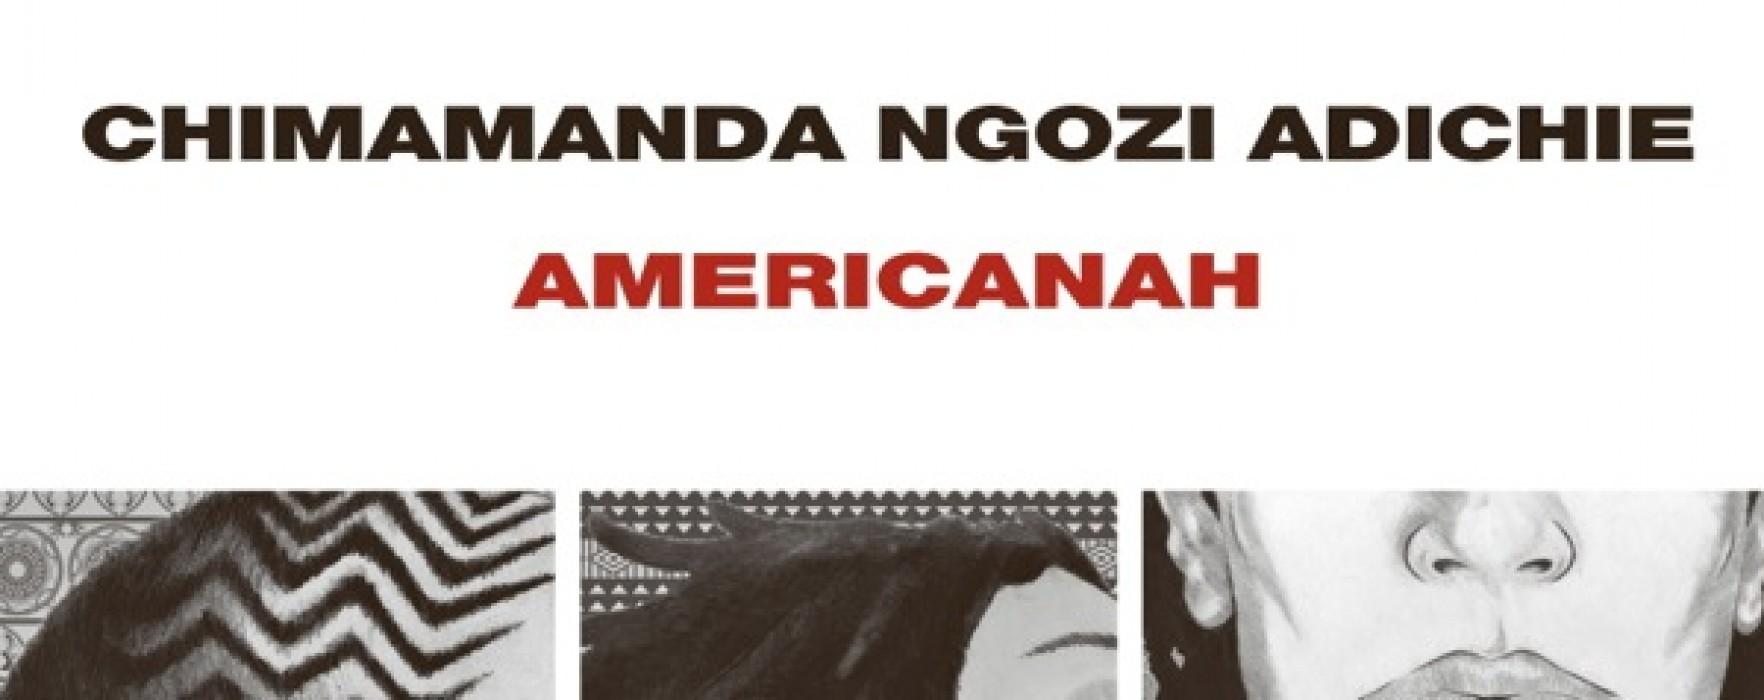 Risultati immagini per americanah libro